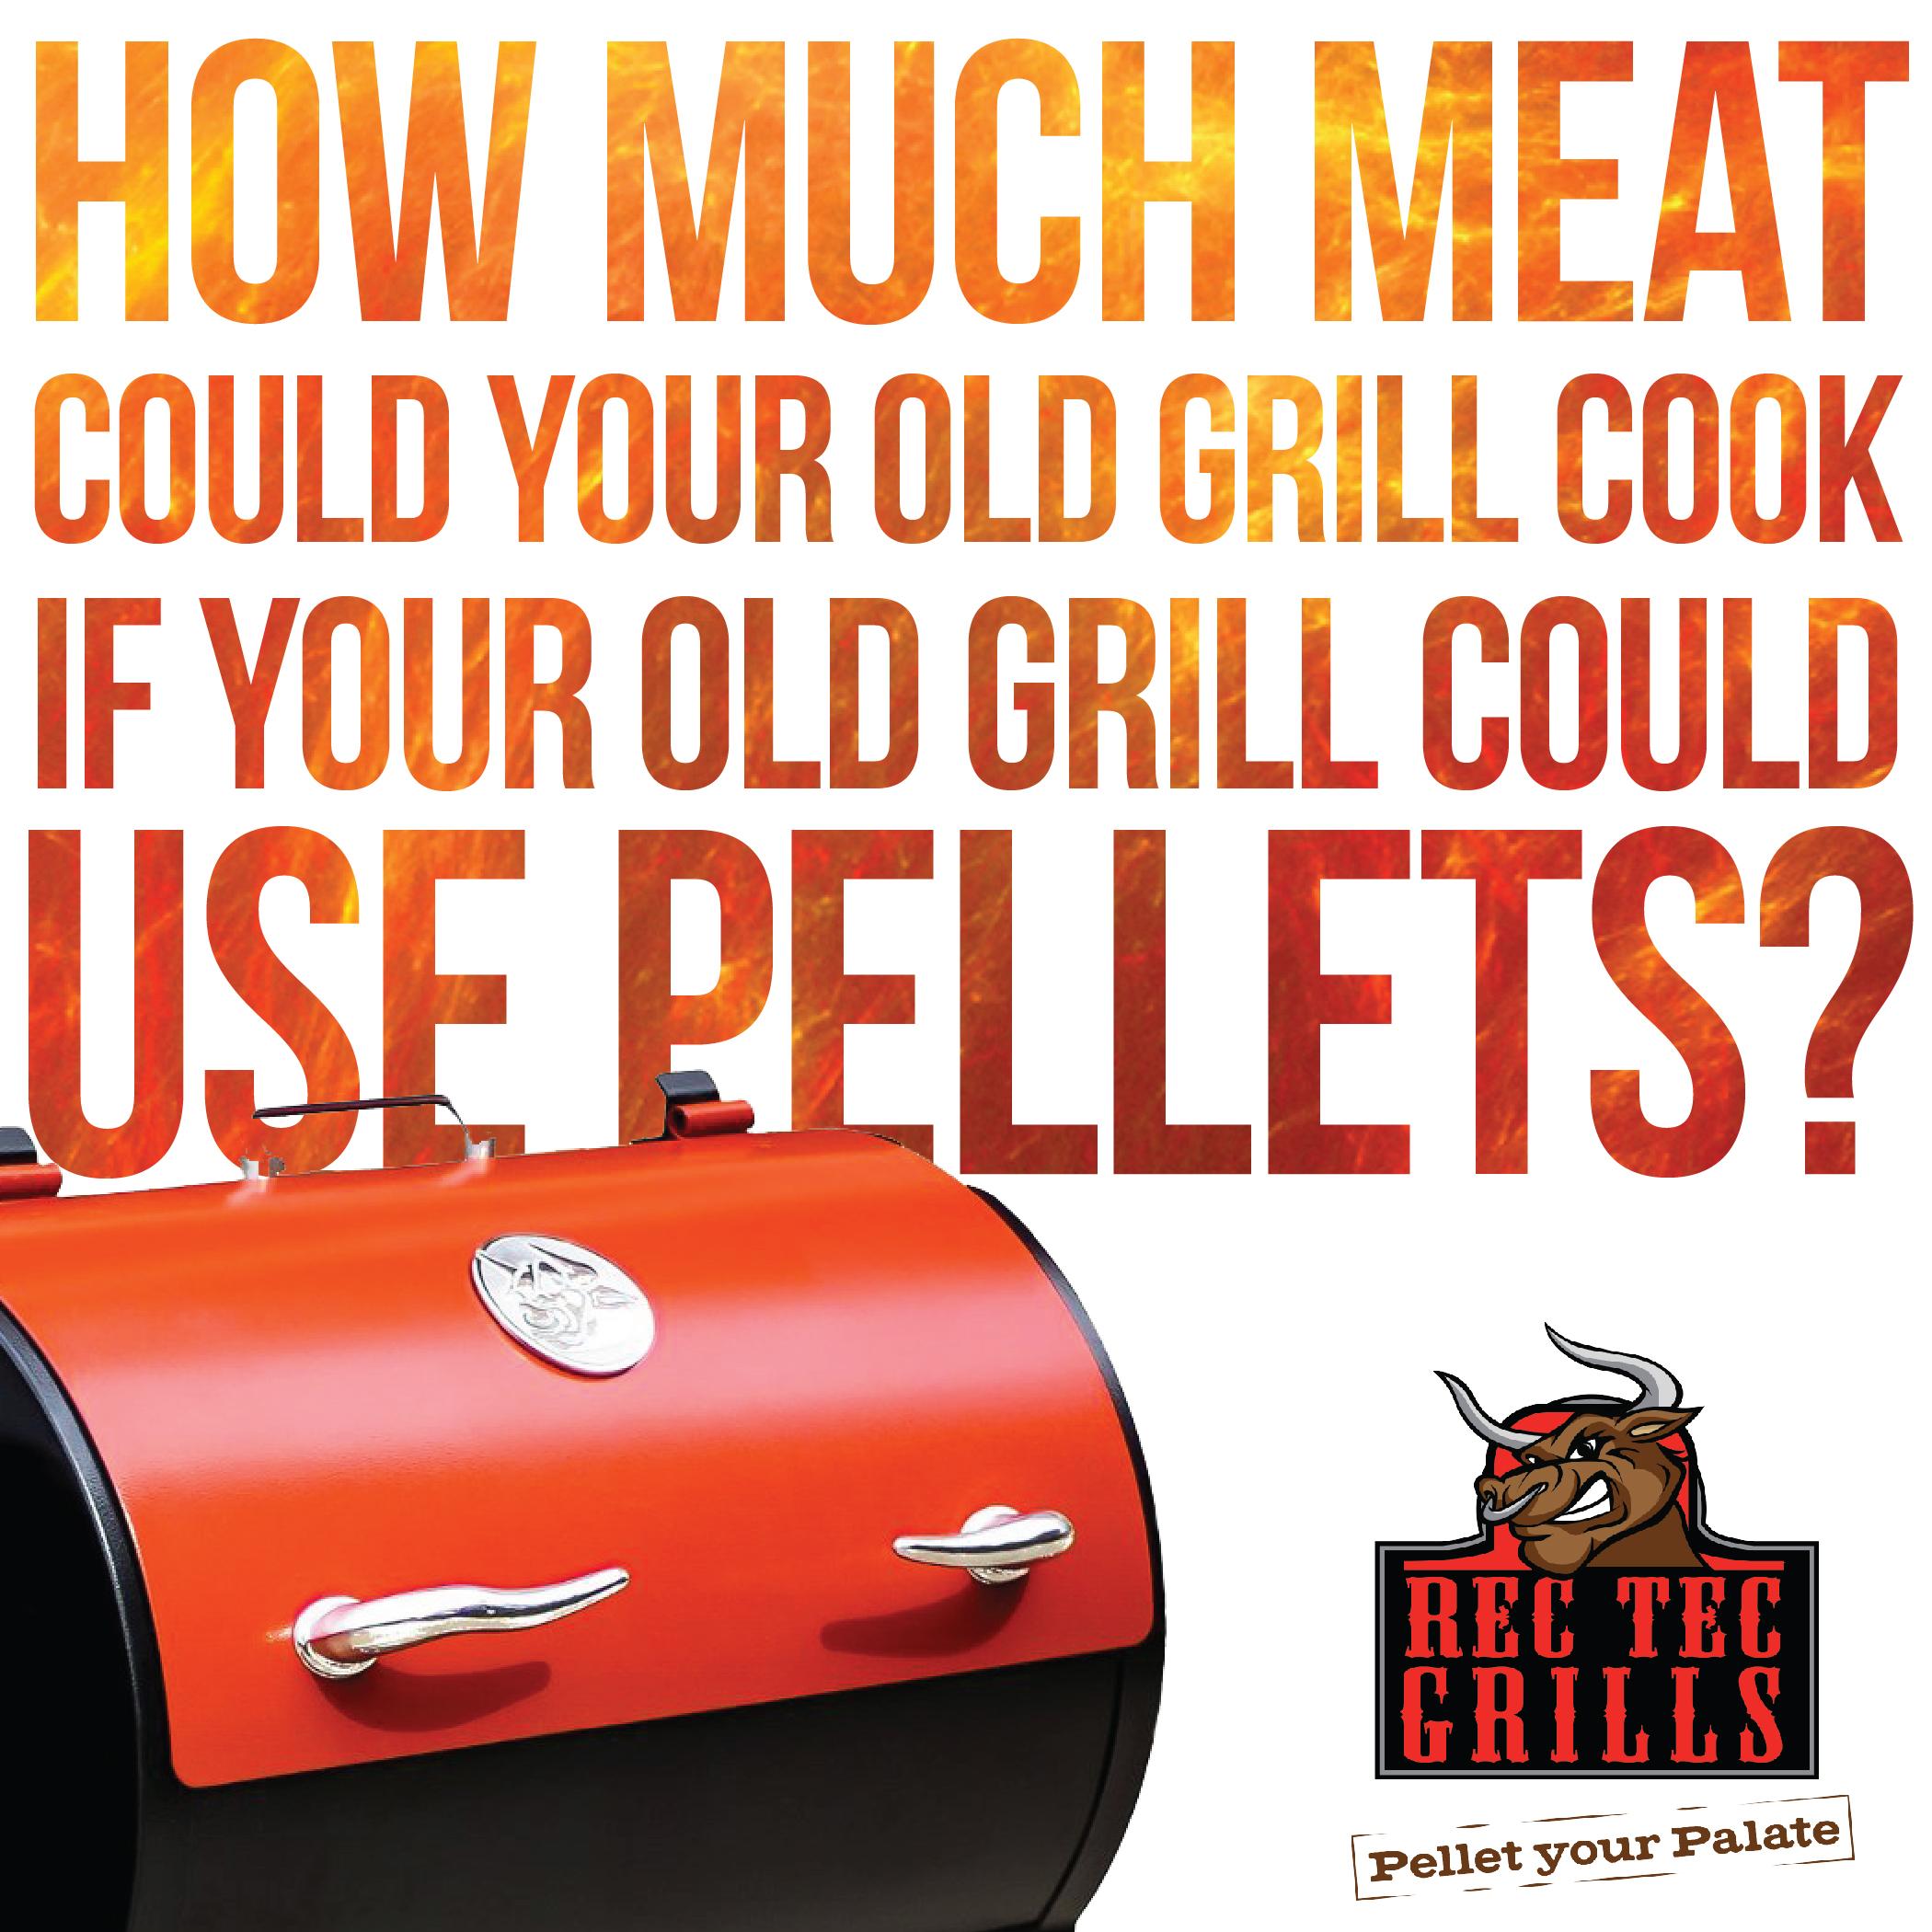 Rec Tec Grills FB Post